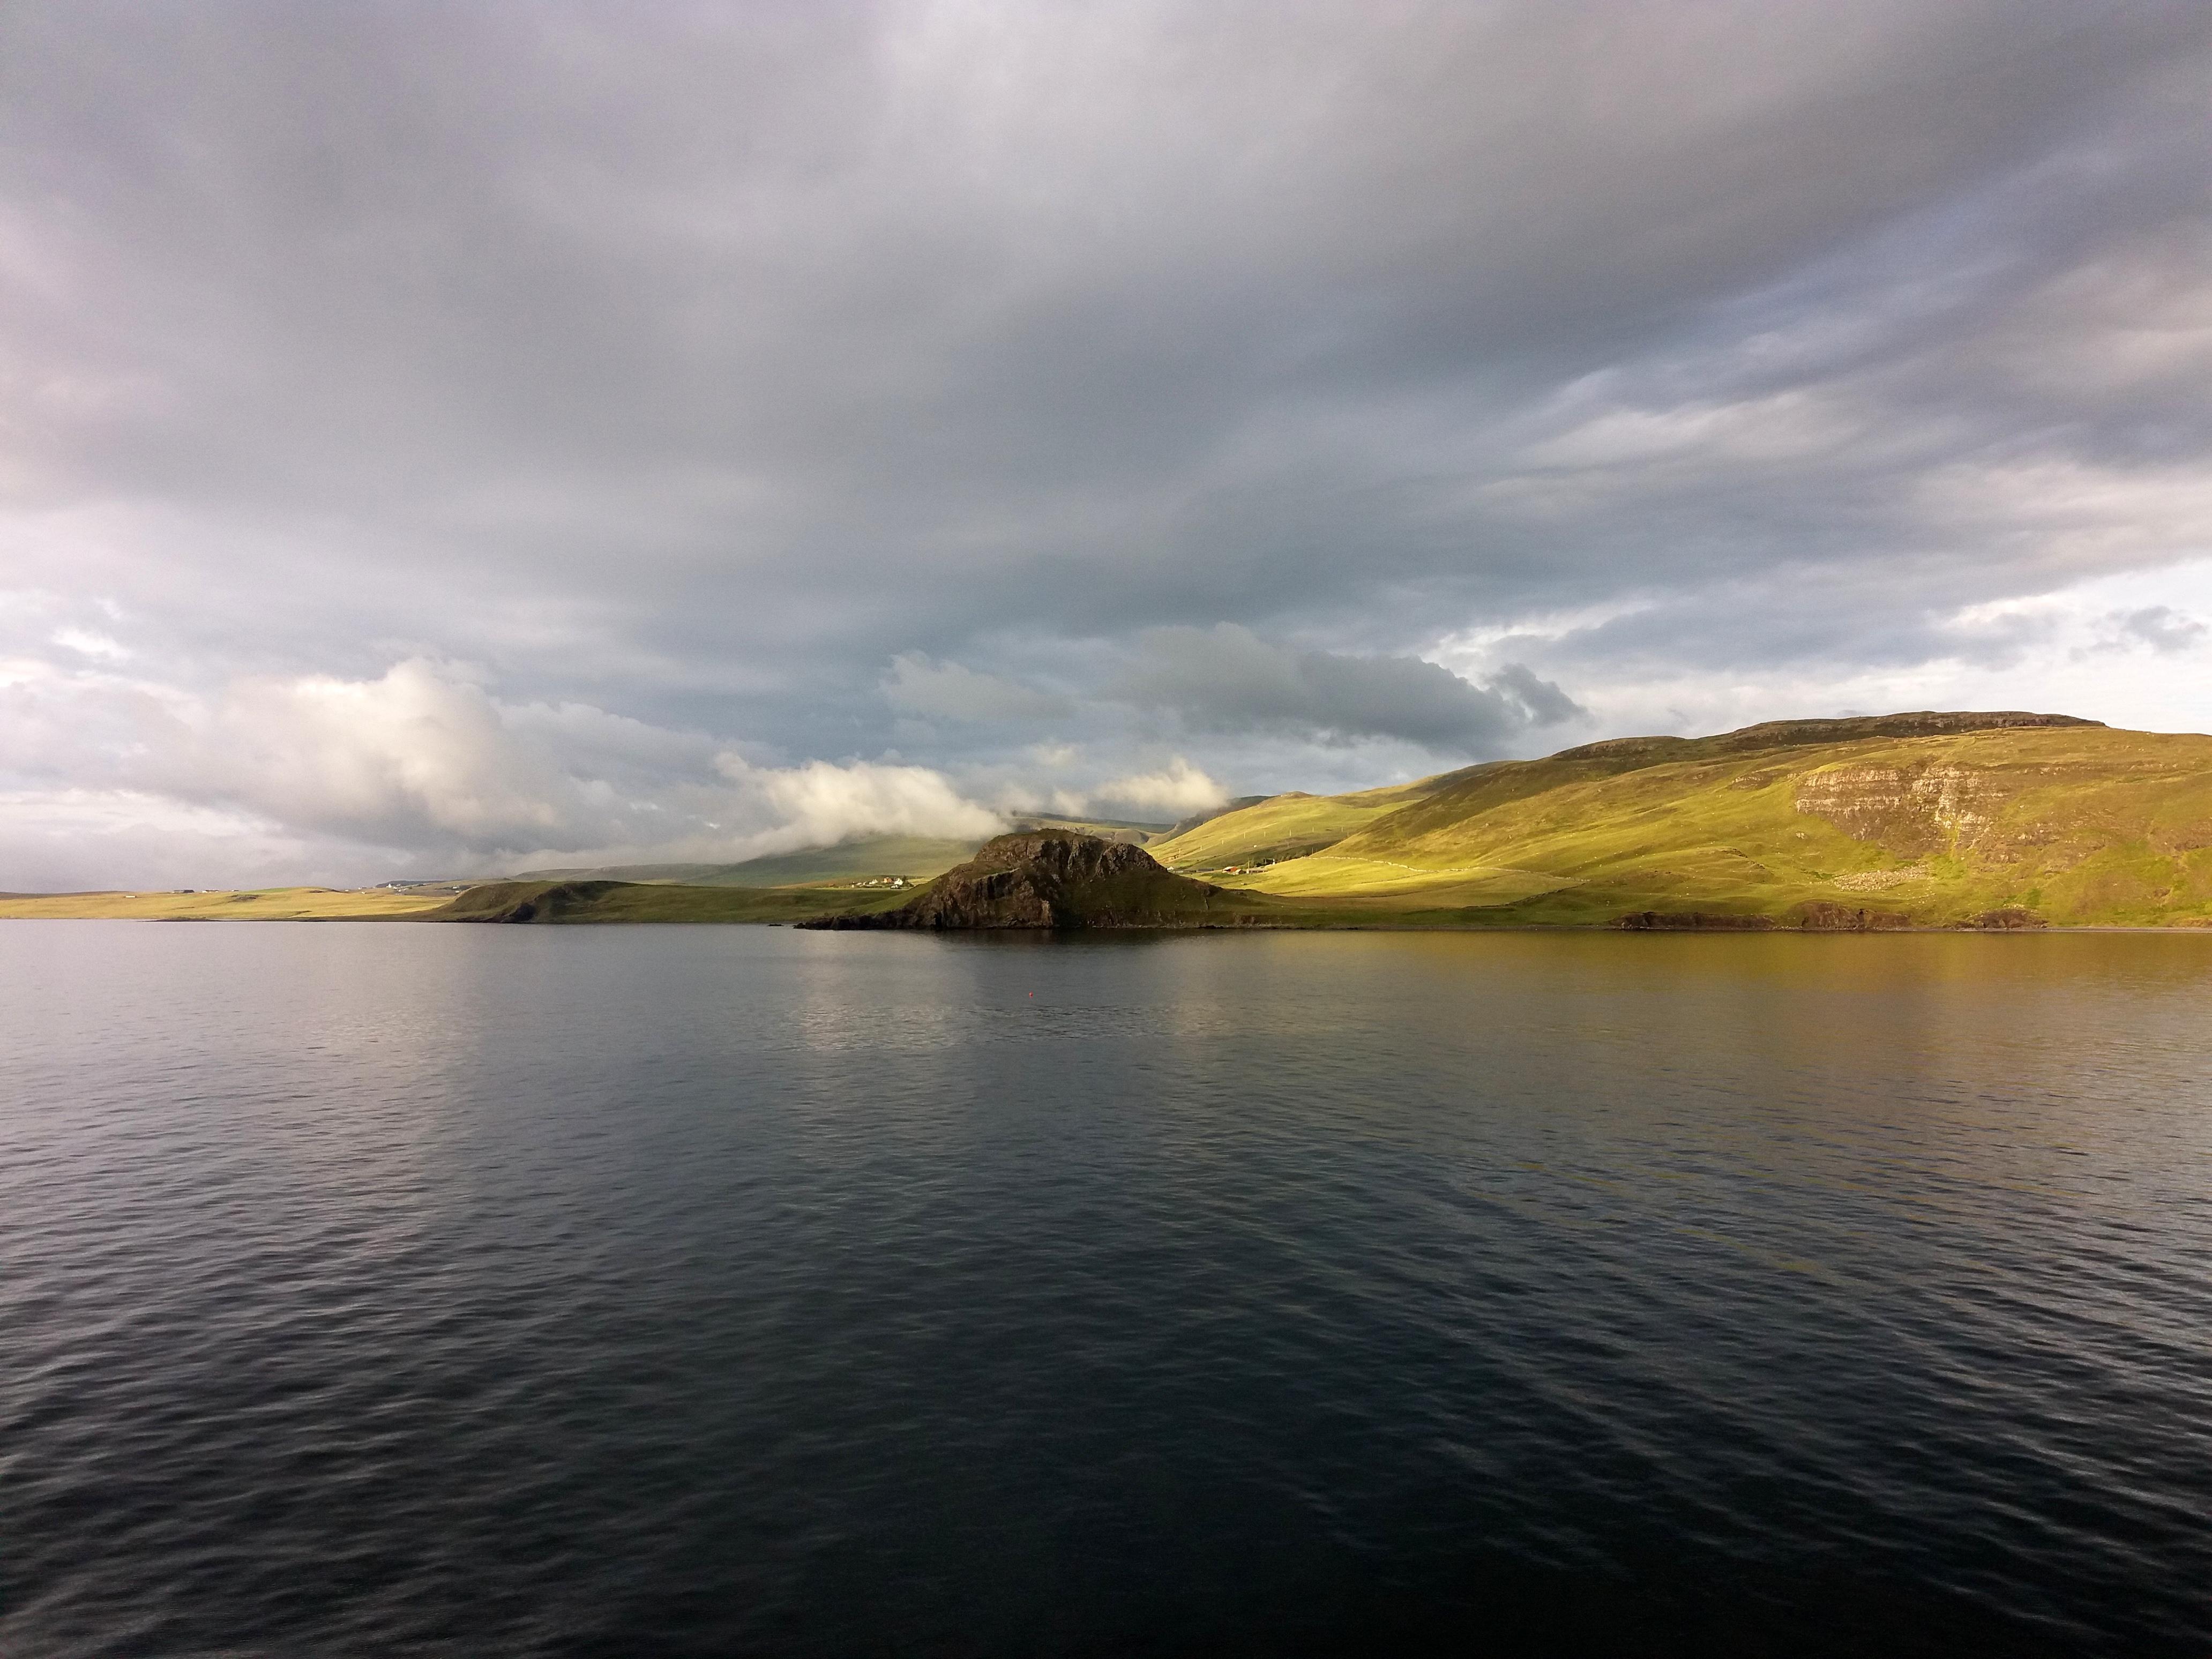 goodbye Isle of Skye